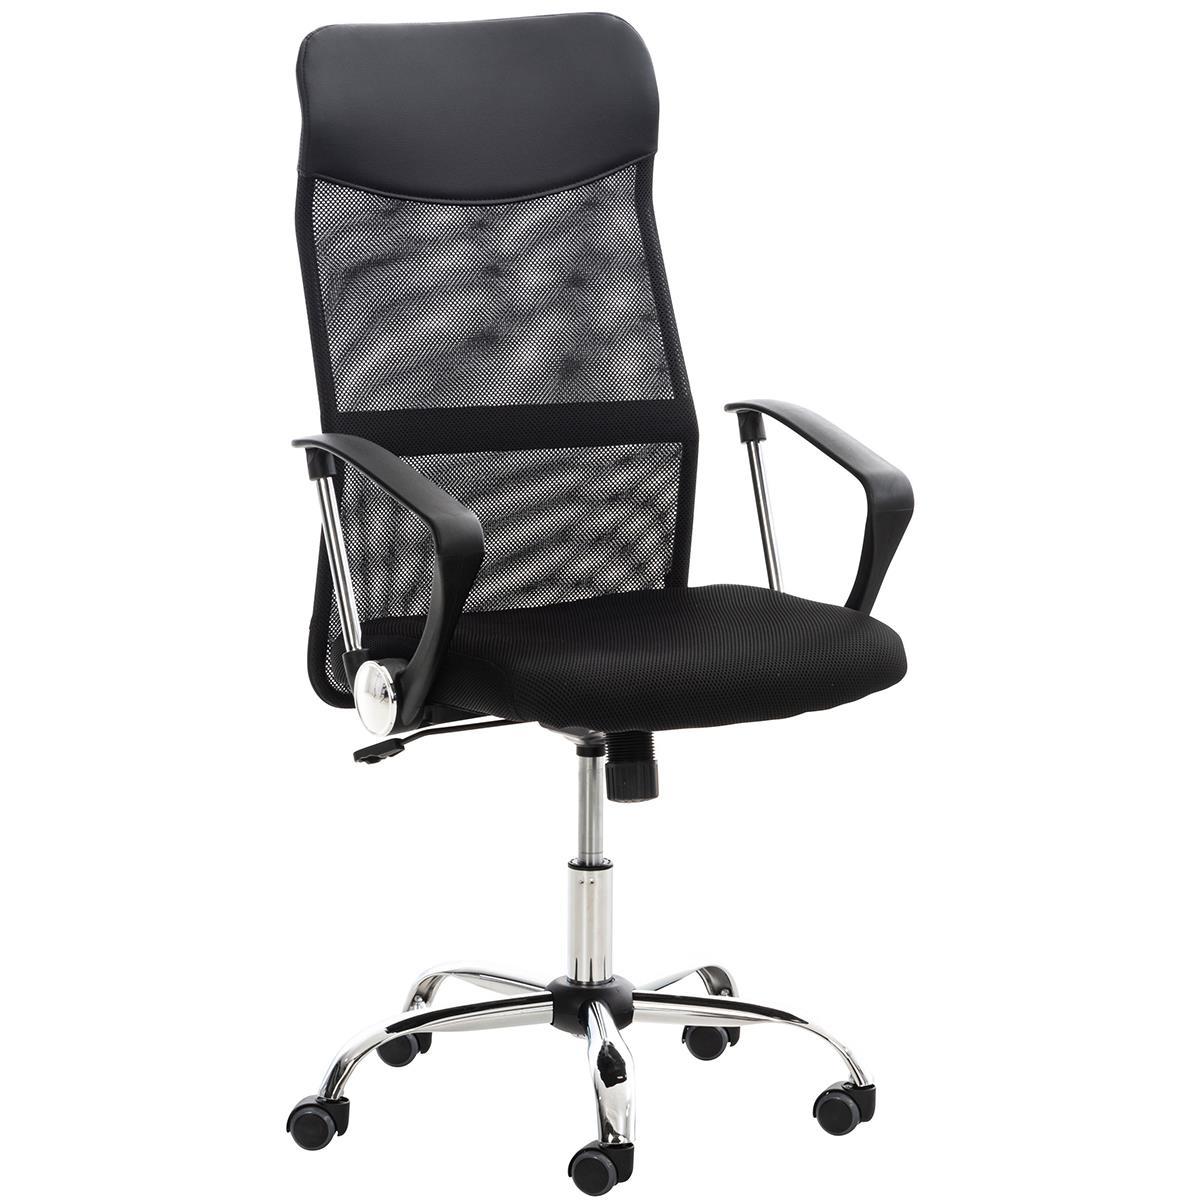 Sedia Ufficio ASPEN, Rete traspirante e sedile imbottito, Prezzo ...